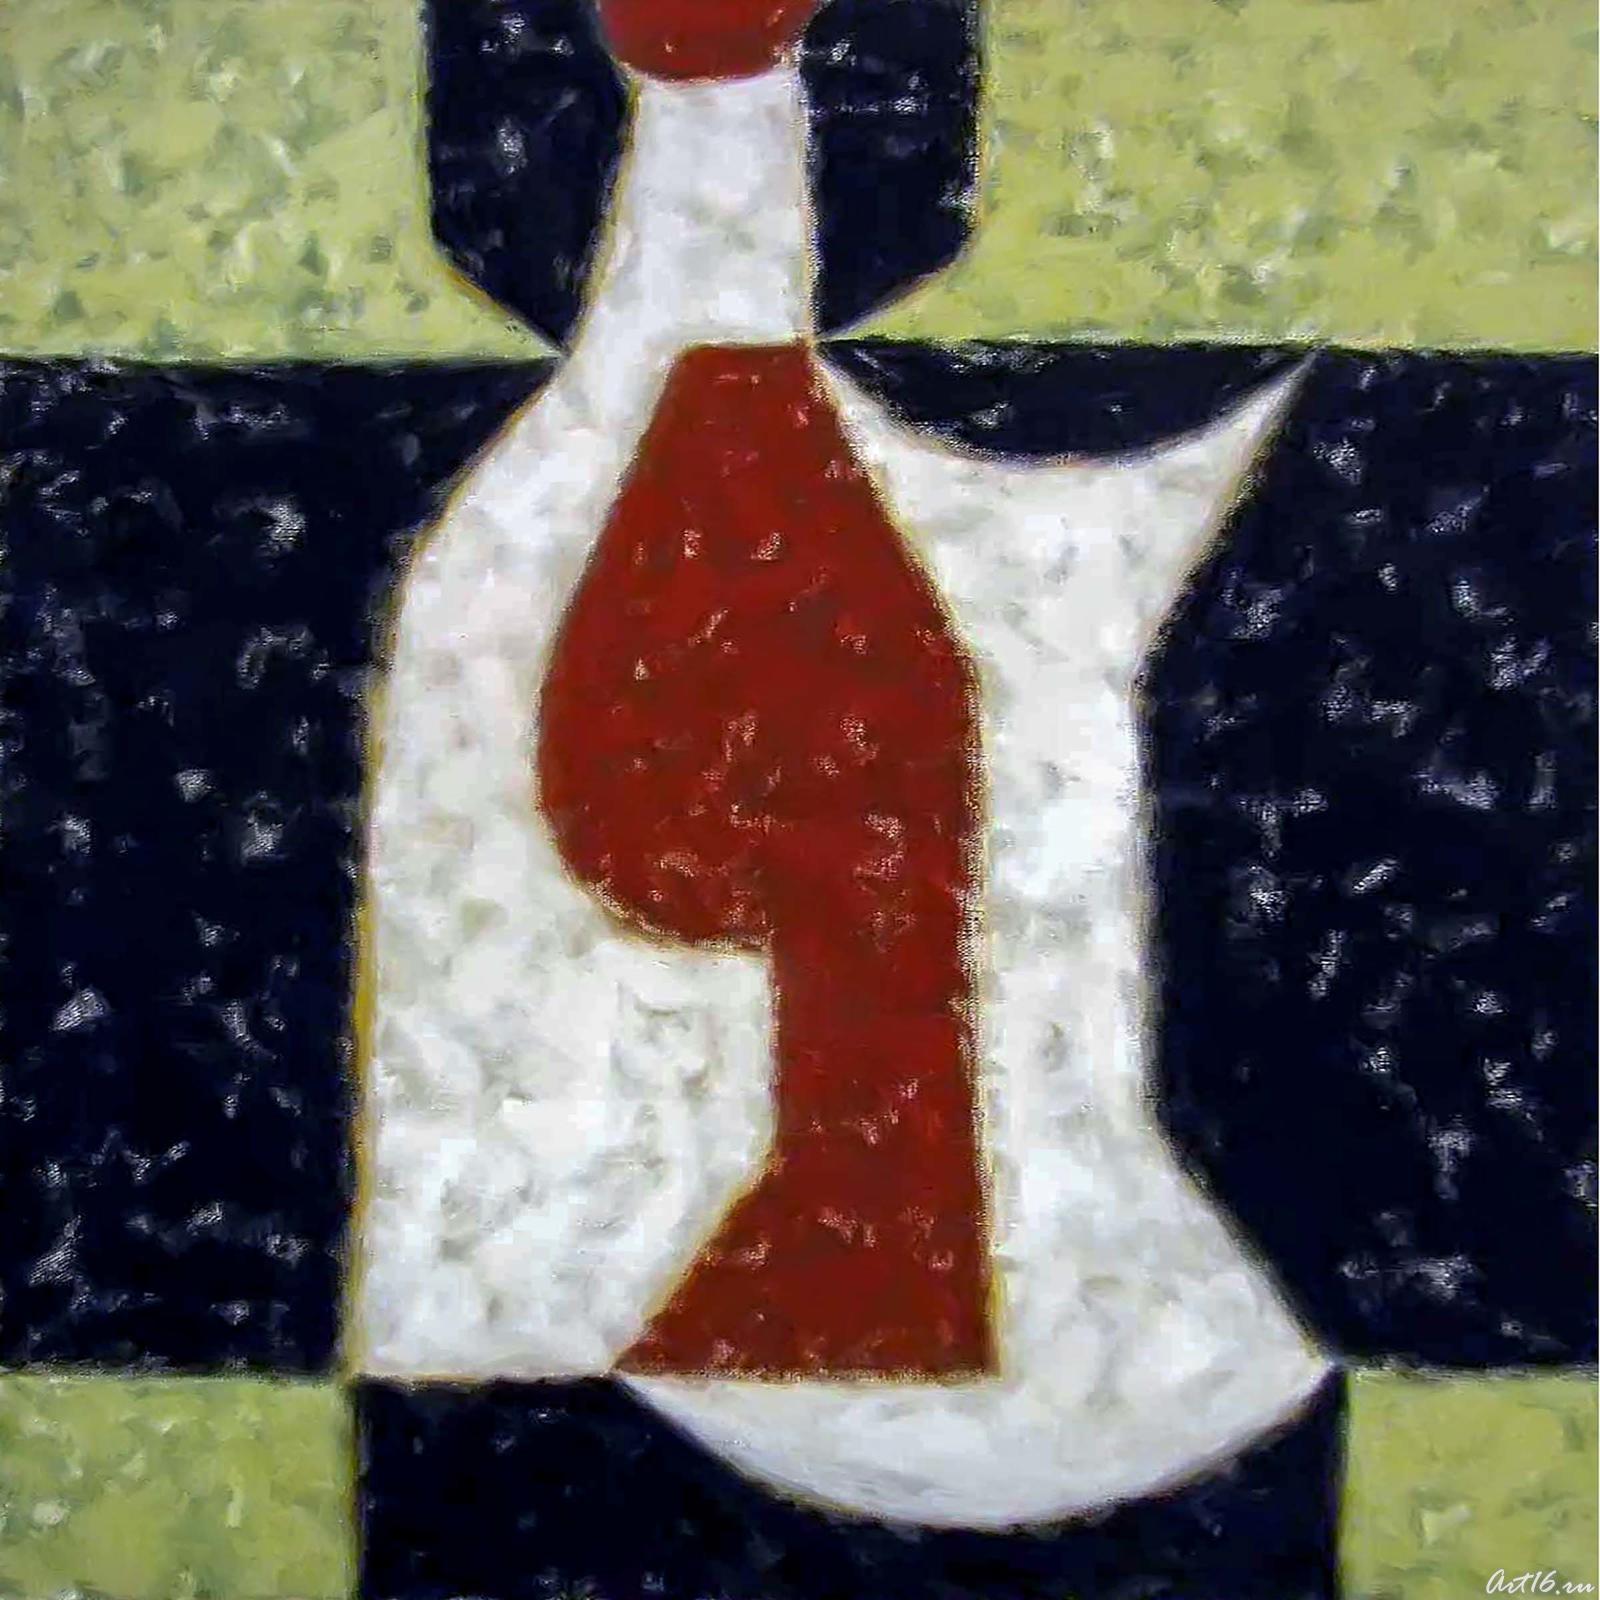 Фото №41493. Натюрморт с бутылкой. Дополнительная форма. 1995